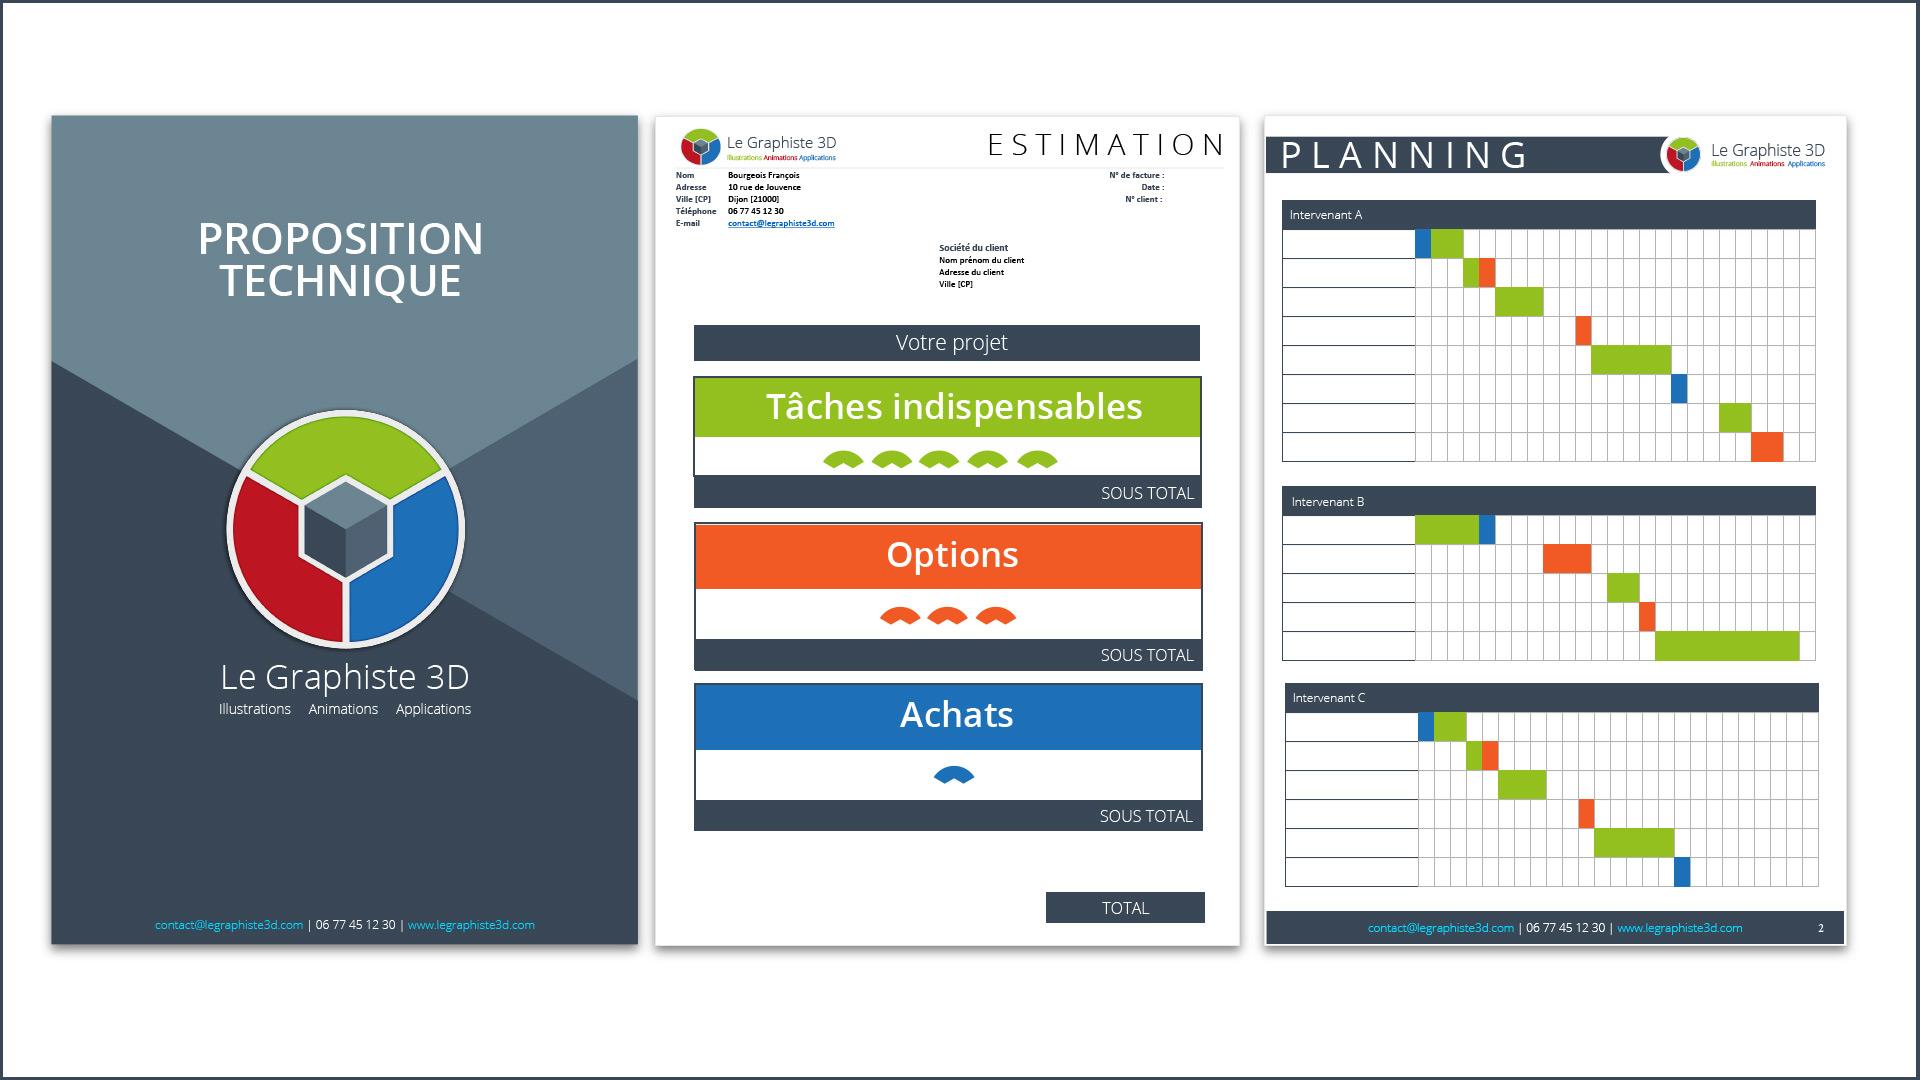 Tarifs - Cahier des charges technique - Estimation - Planning - Le Graphiste 3D